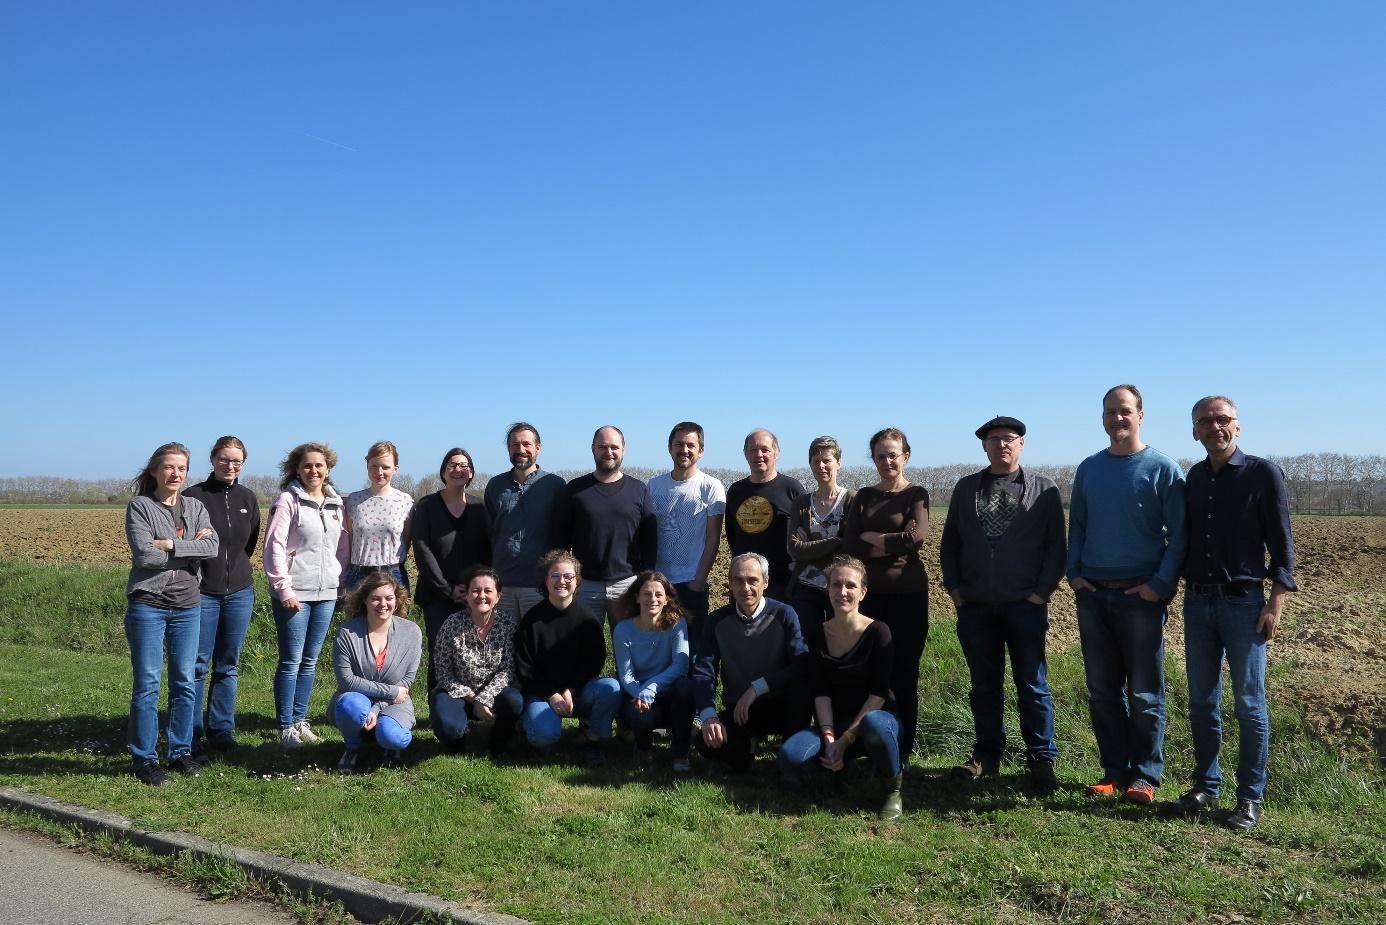 Lancement de MIX-ENABLE, un projet européen sur l'élevage biologique mixte durable